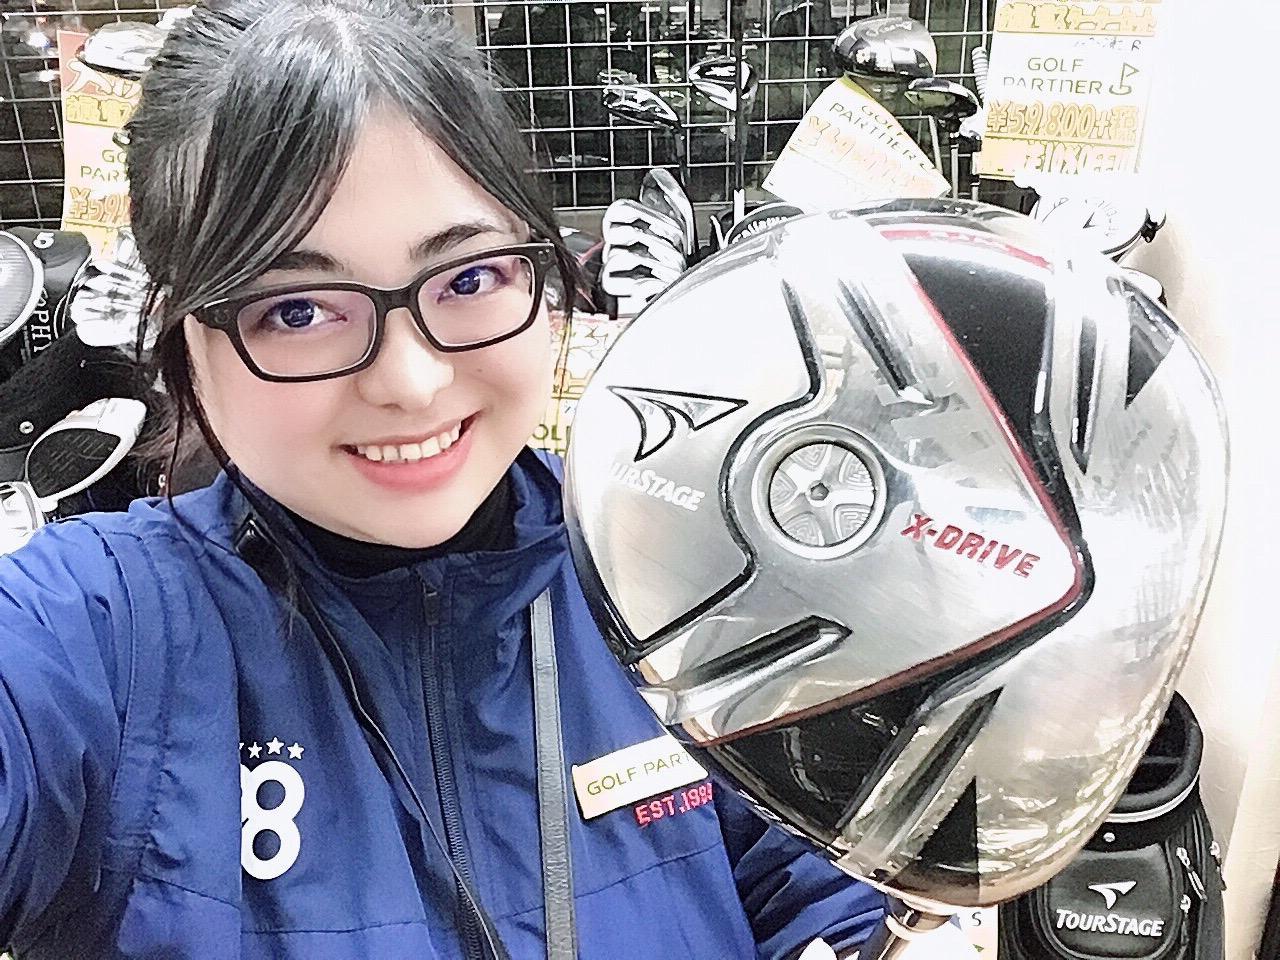 メガネ娘今井の初心者おすすめクラブ!